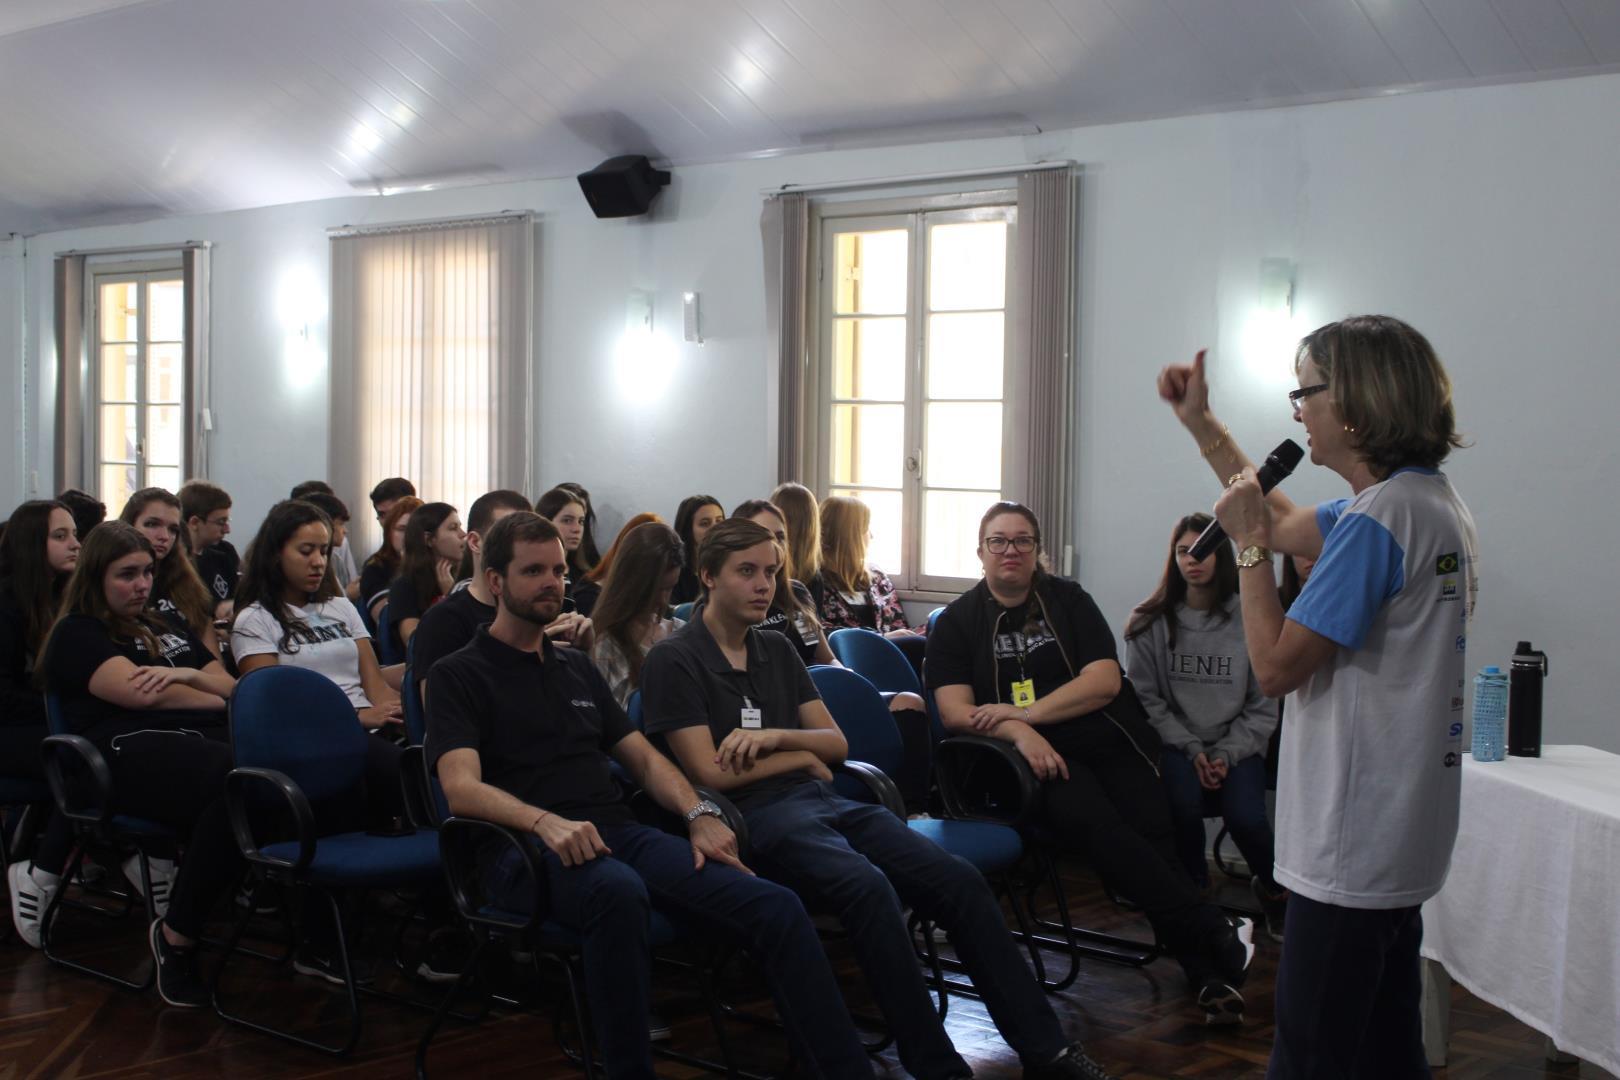 Bate-papo sobre iniciação científica: alunos e ex-alunos falam sobre vivências na pesquisa